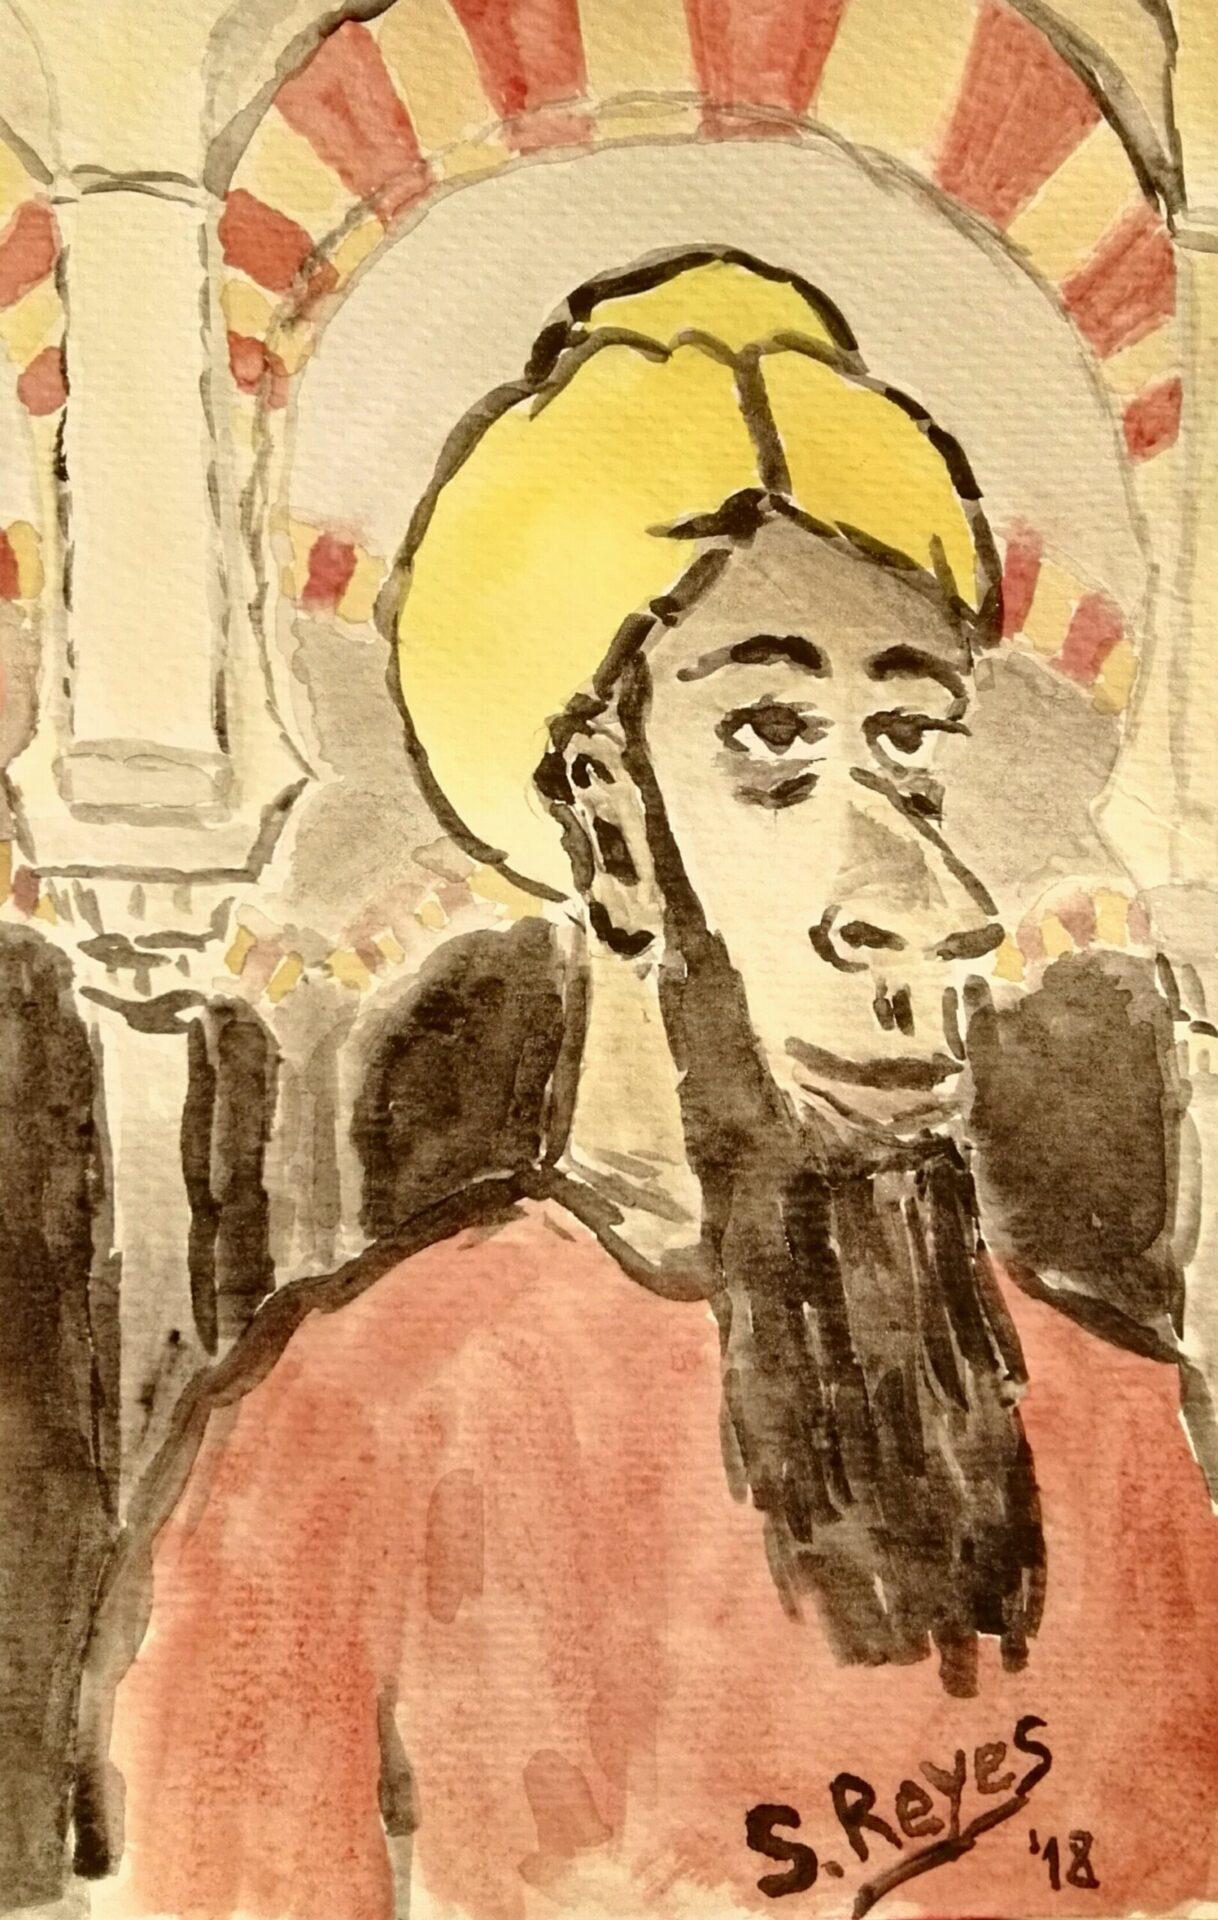 Recreación de Abderramán II en la mezquita de Córdoba. Acuarela de Sergio Reyes Puerta